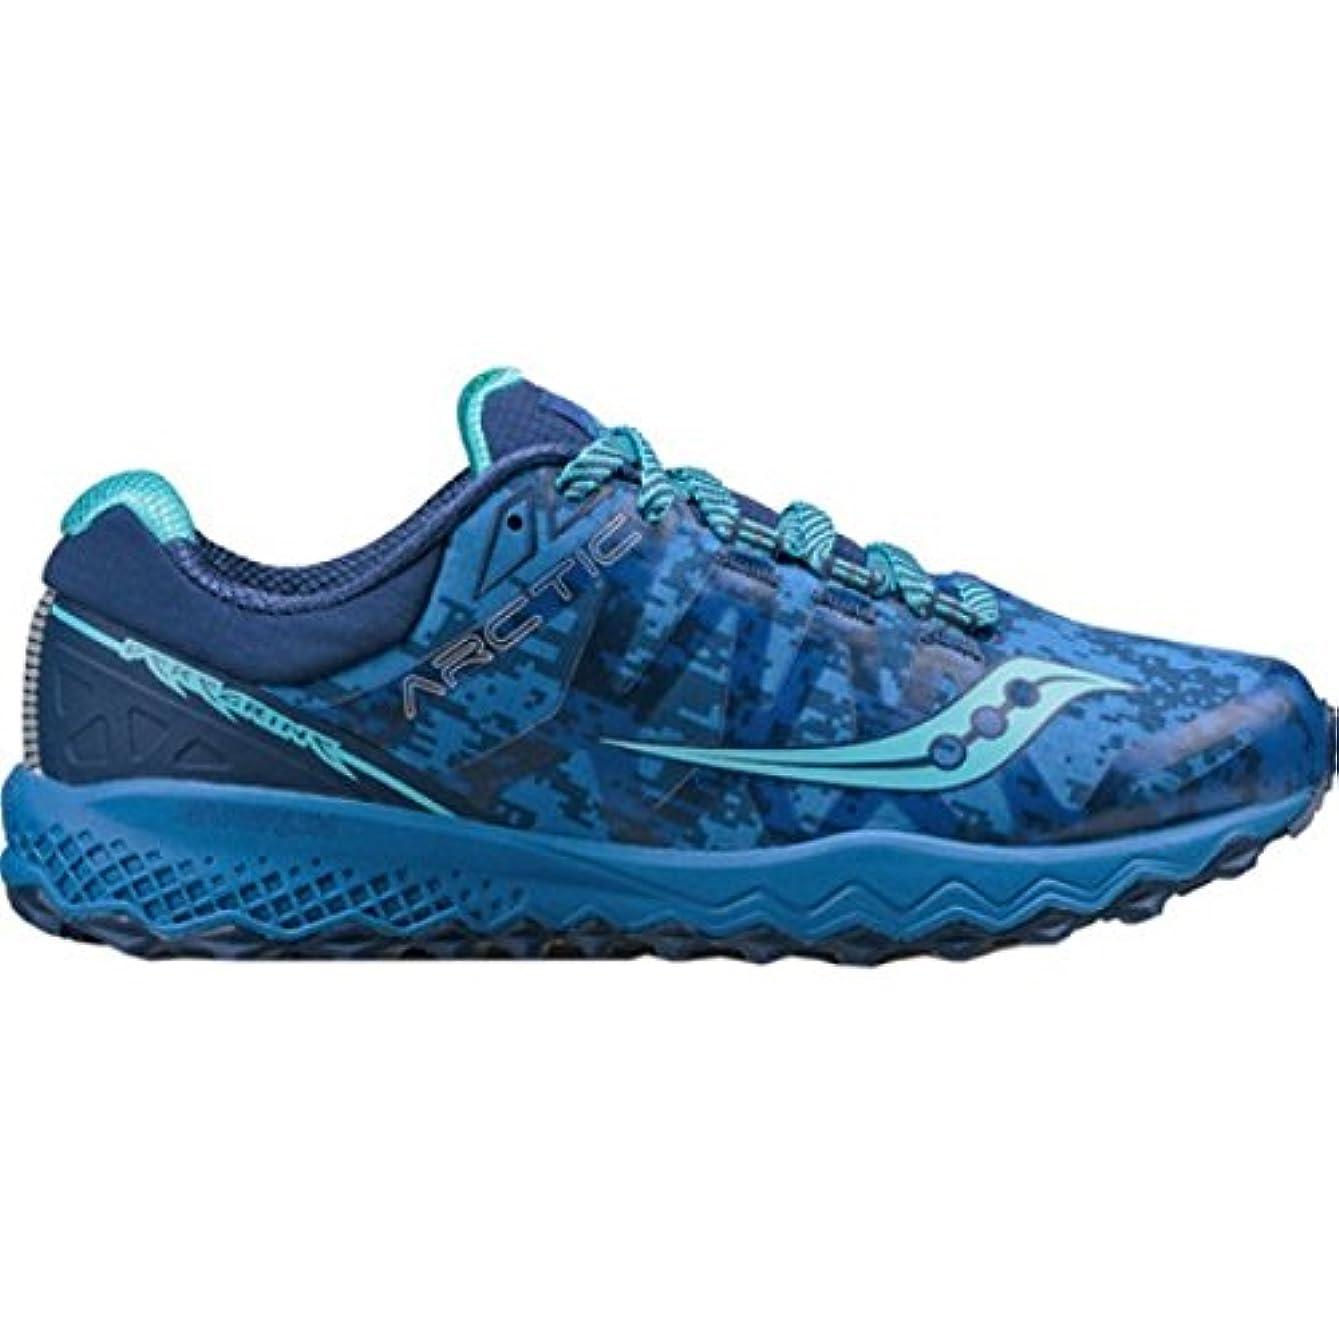 フォーマル代替戦争(サッカニー) Saucony レディース ランニング?ウォーキング シューズ?靴 Peregrine 7 ICE+ Trail Running Shoe [並行輸入品]